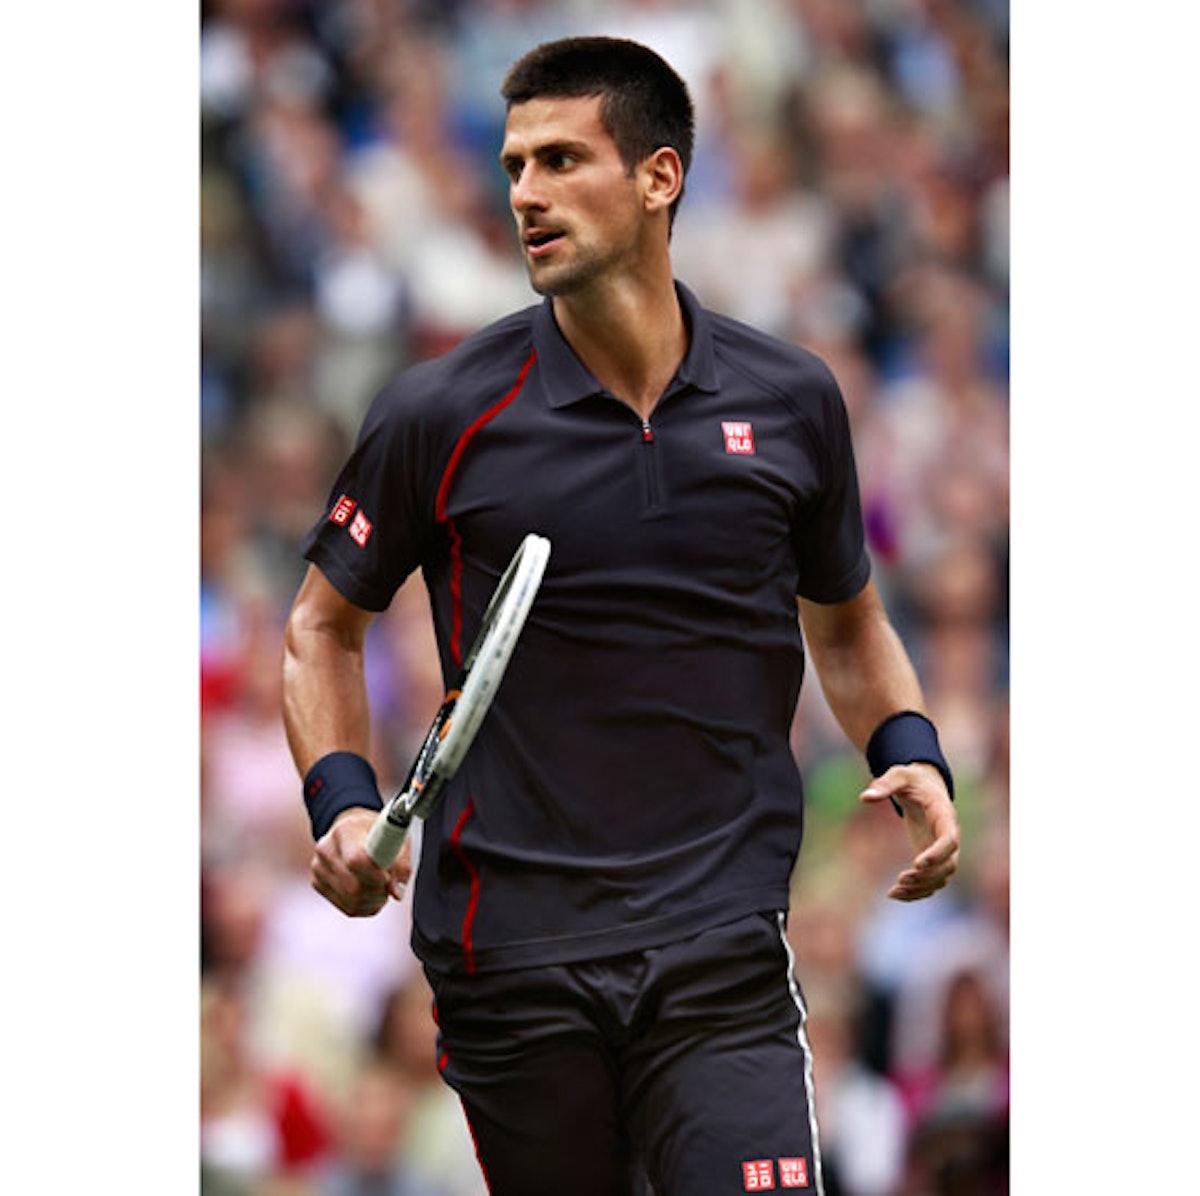 blog-uniqlo-tennis.jpg